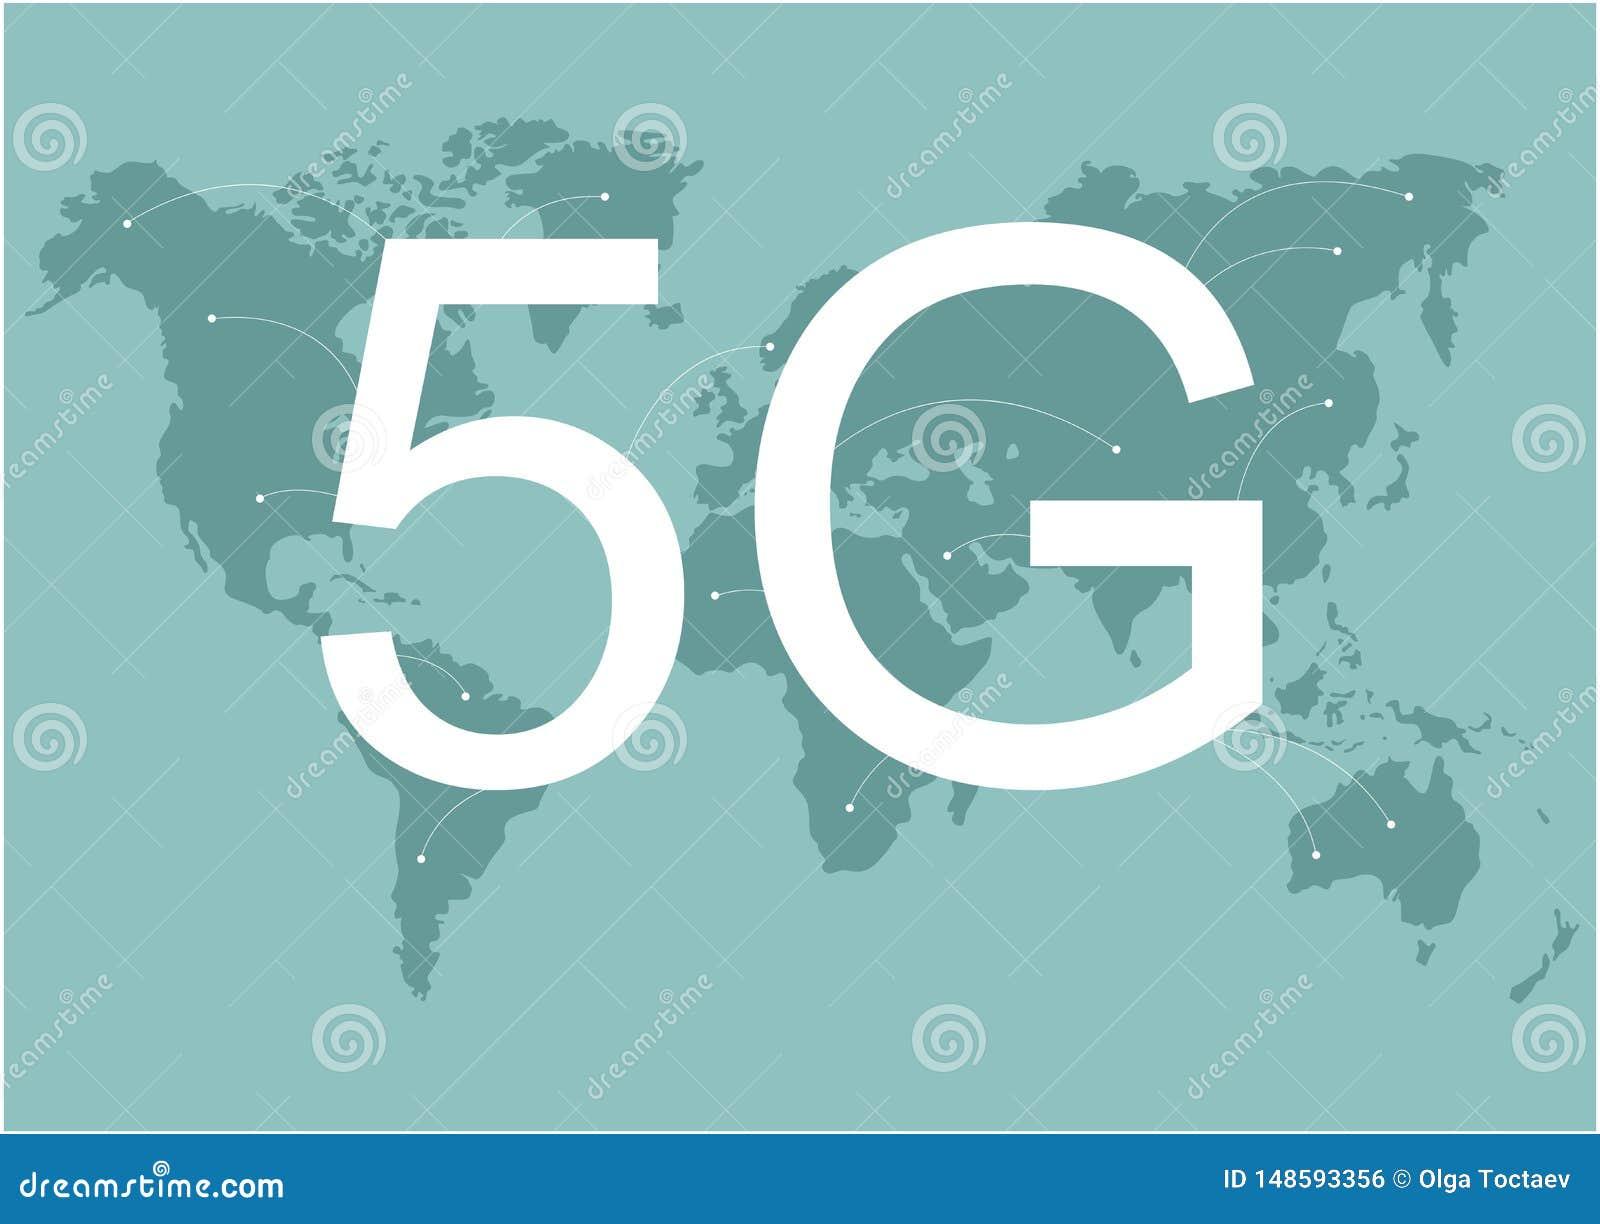 карта сетей связей земли сети 4g 5g глобальная соединений снабжения голубой карты мира глобальных Скорость беспроводной сети